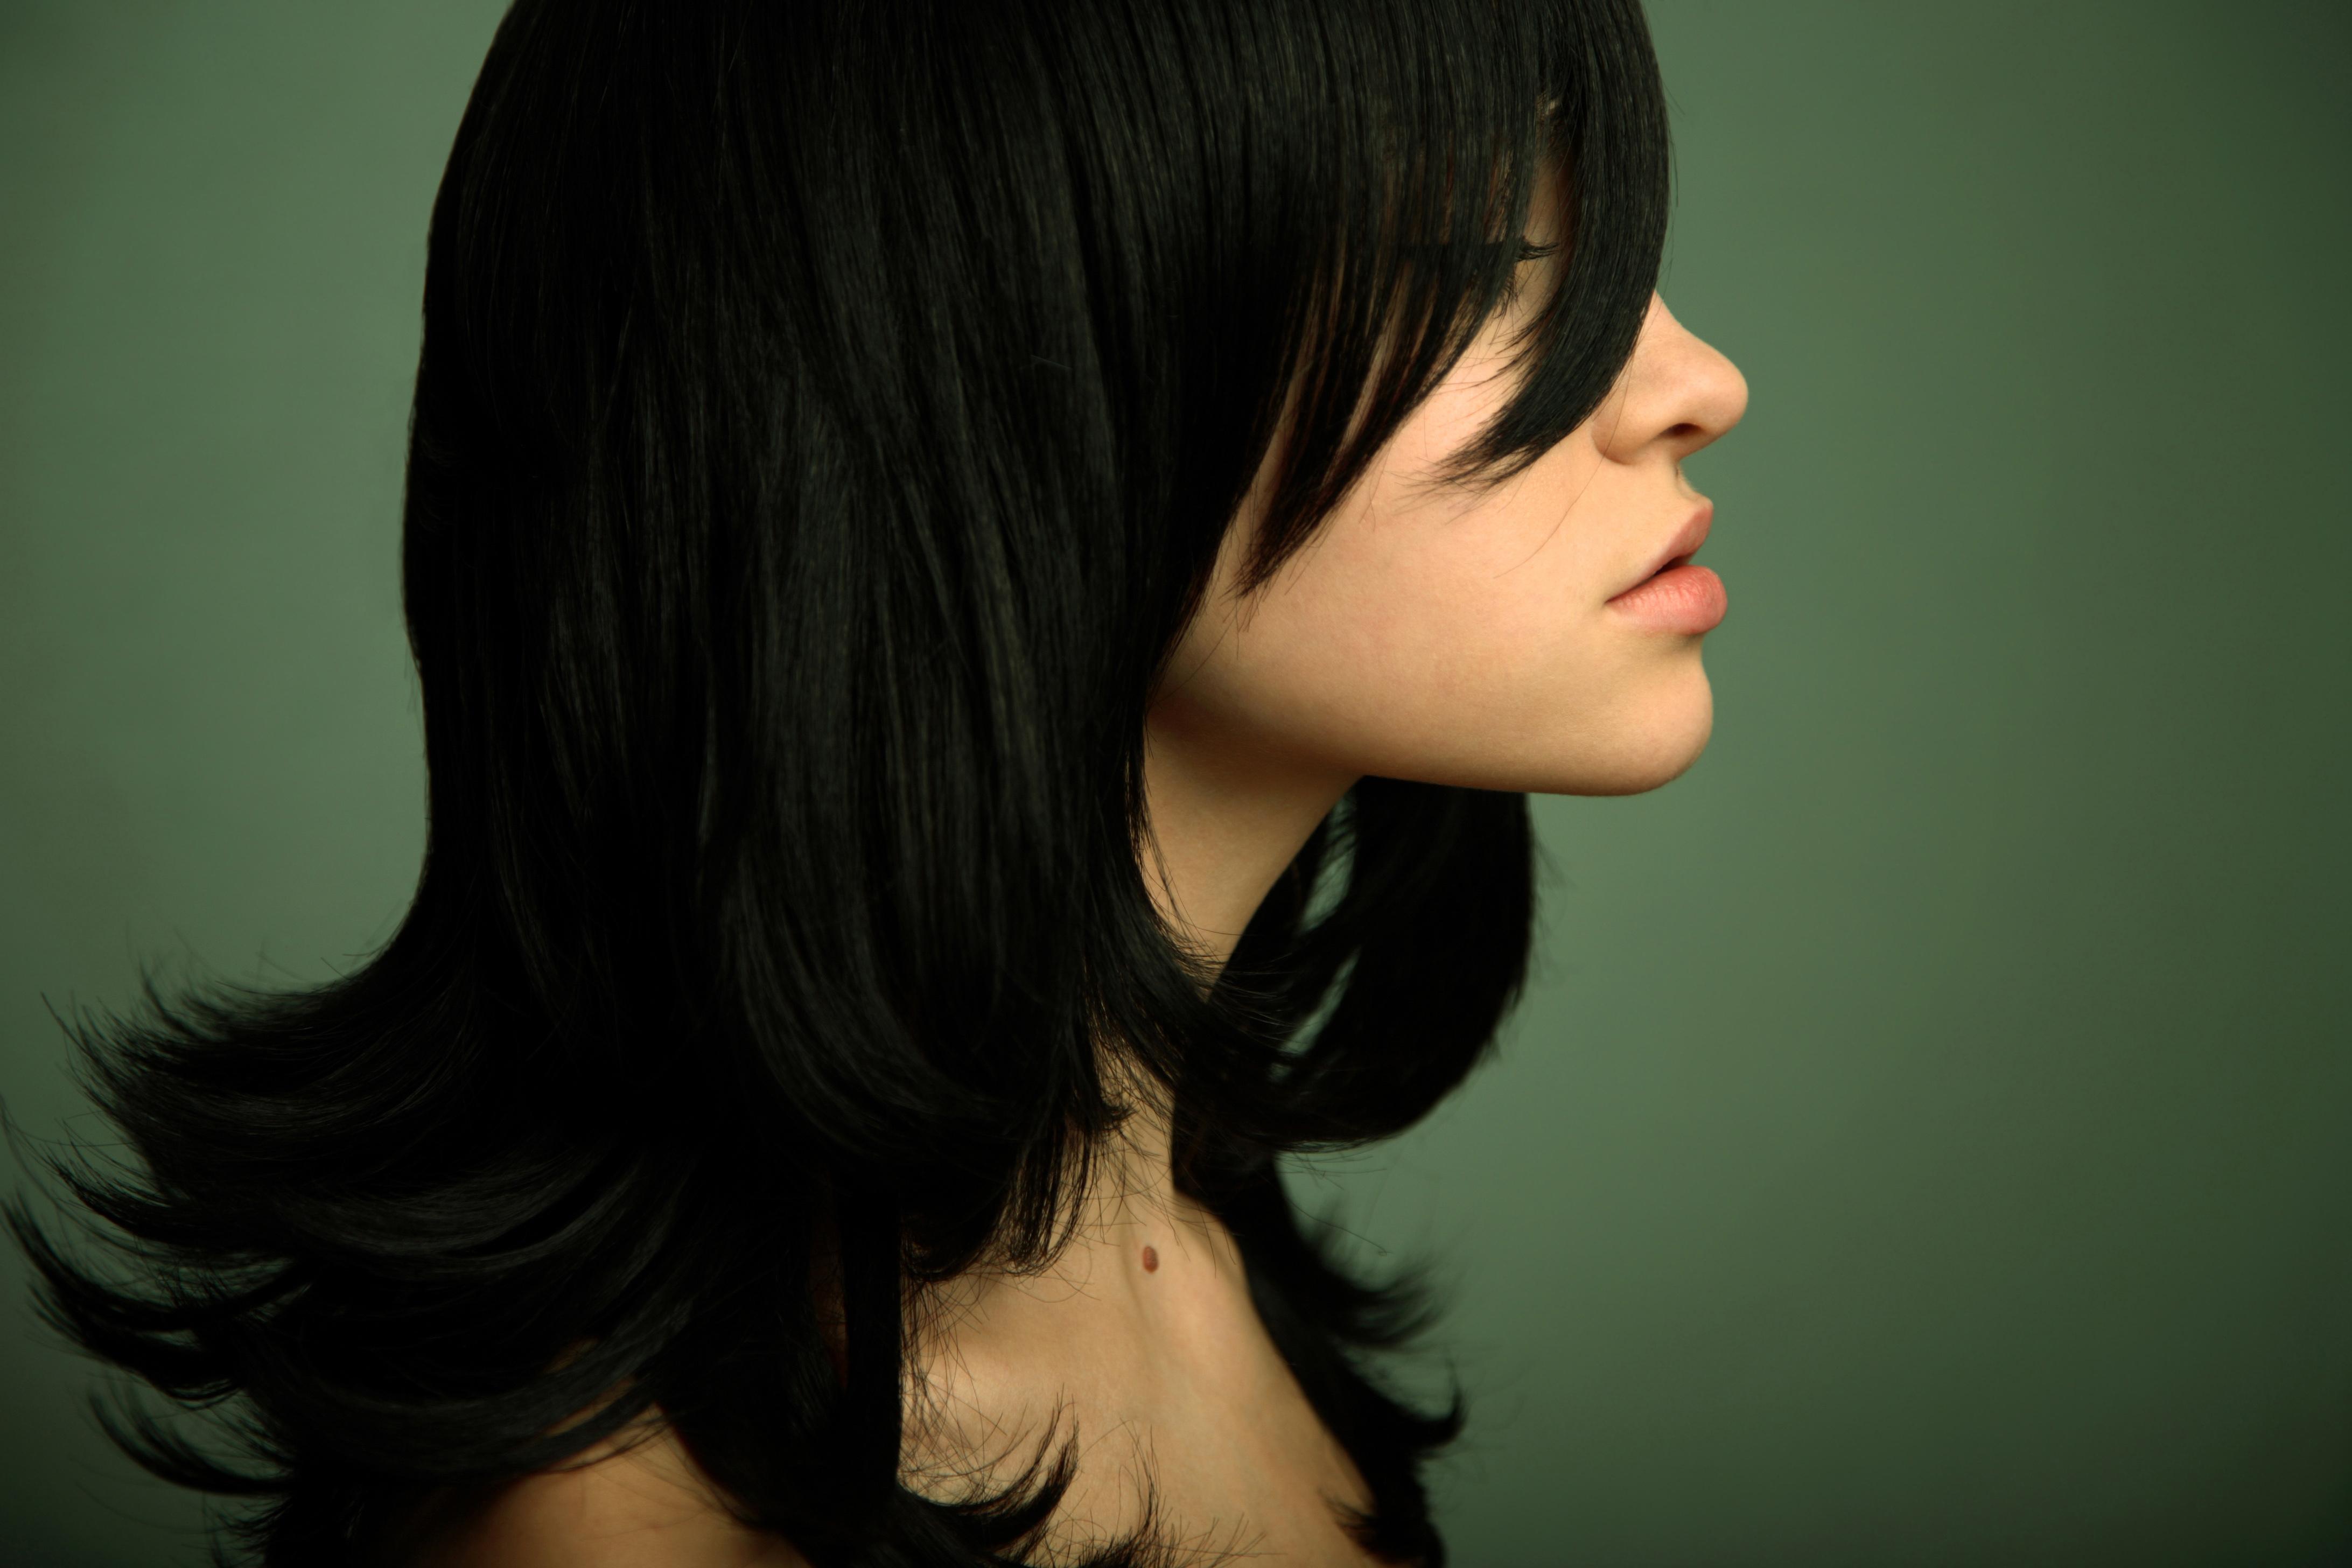 Красивые девушки фото со спины на аву с короткой стрижкой